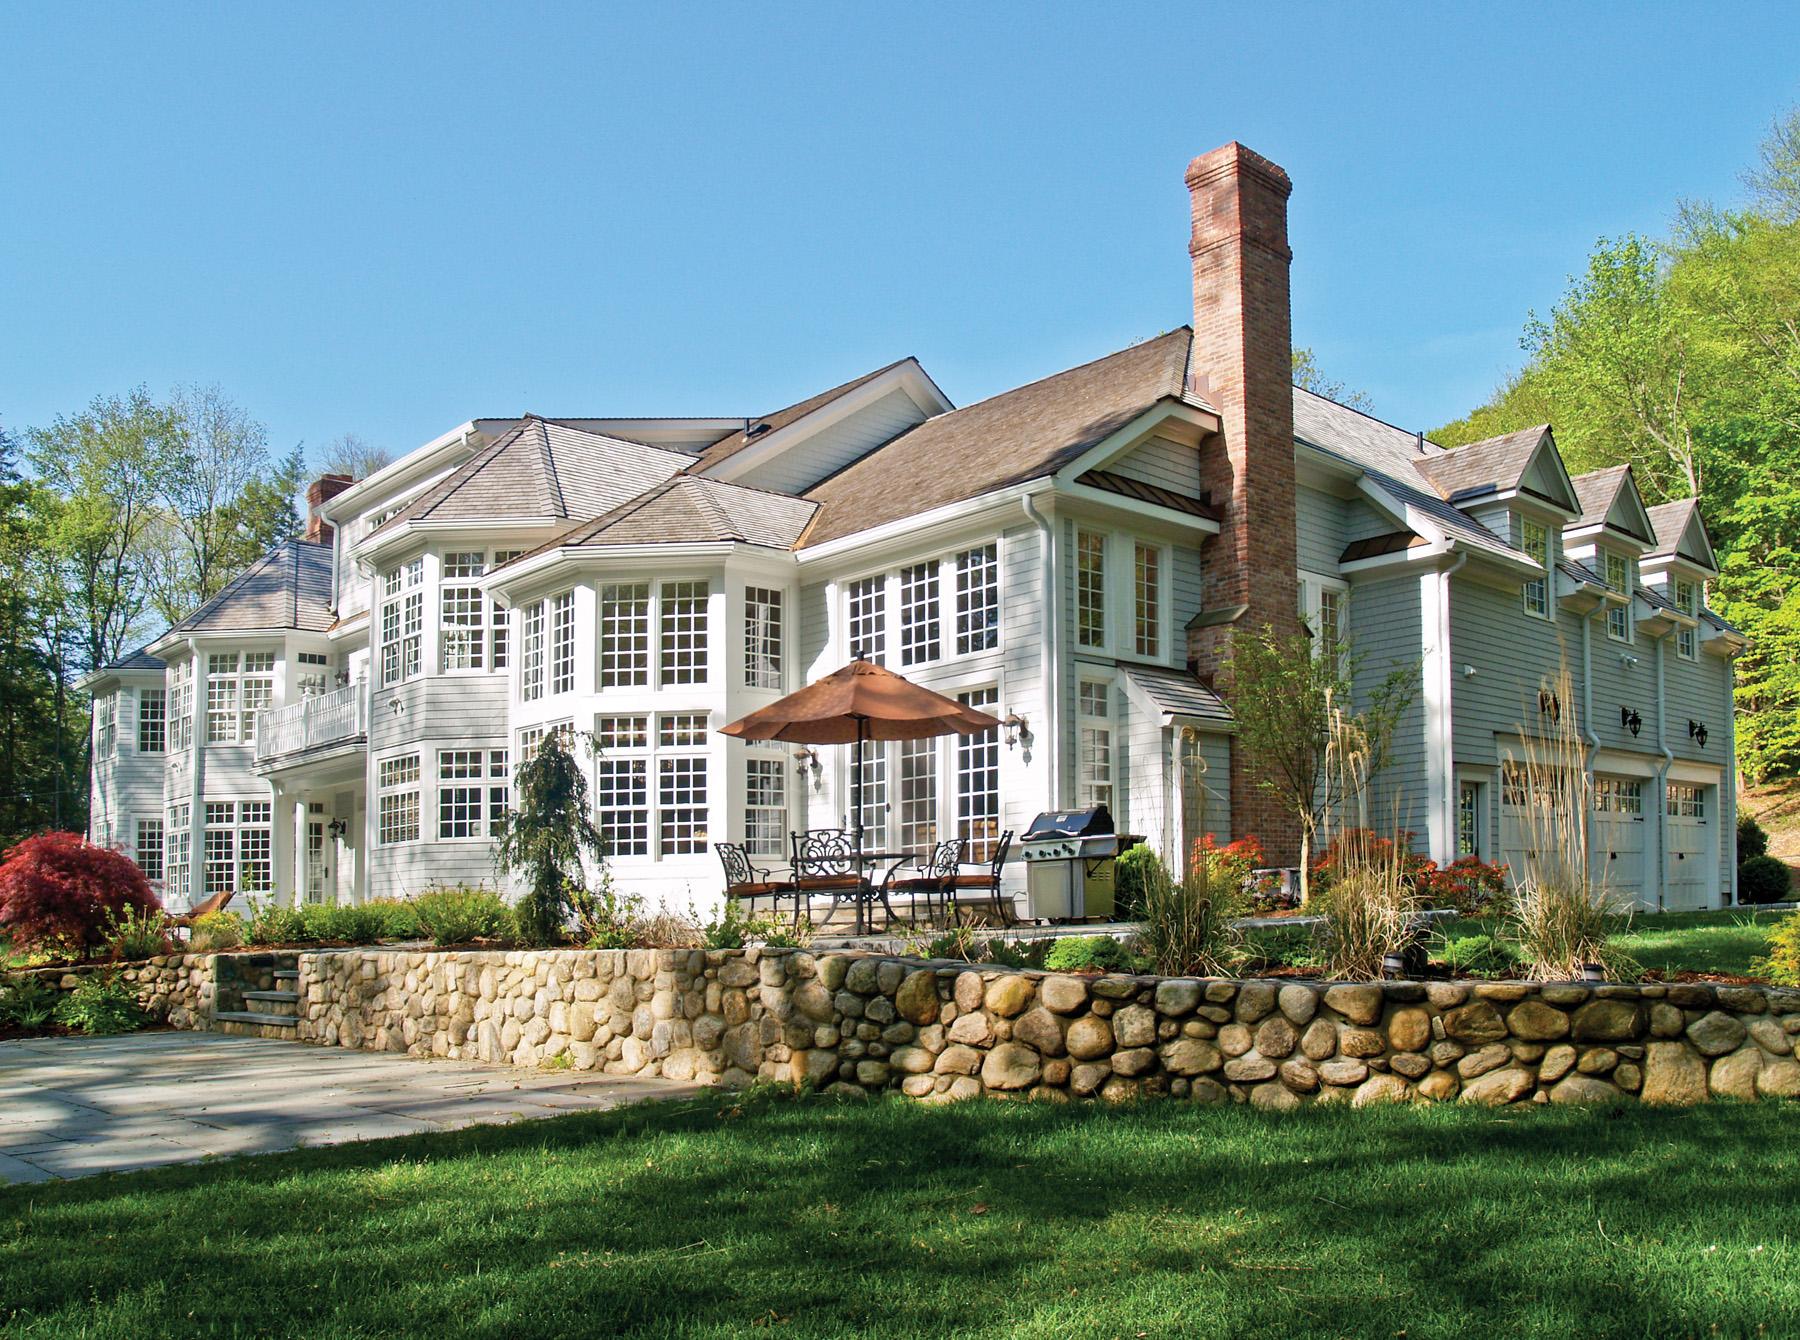 단독 가정 주택 용 매매 에 20 Martin Road Weston, 코네티컷, 06883 미국